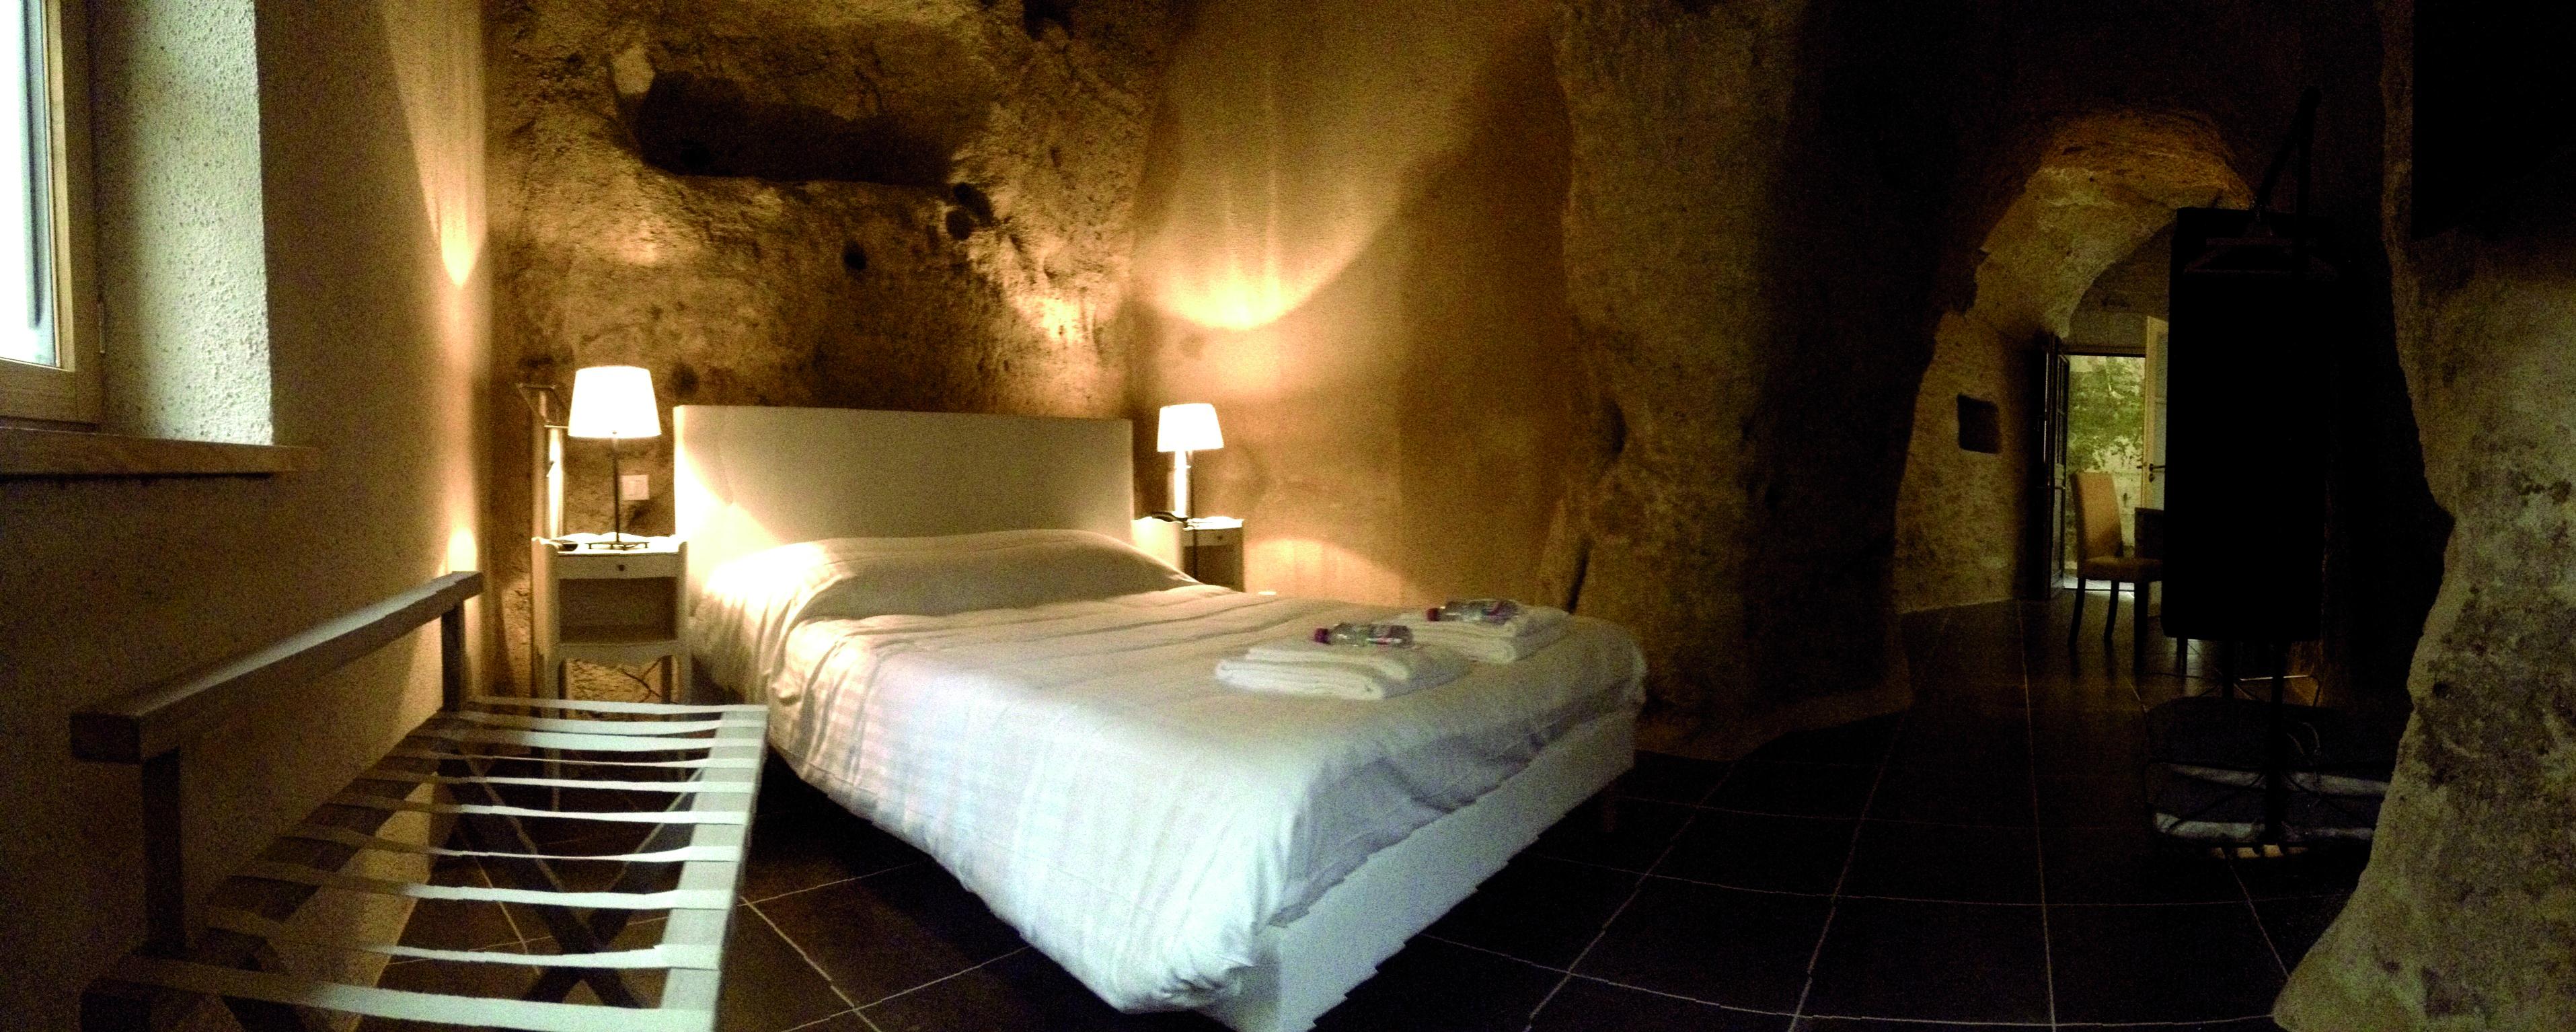 Dormir dans un troglodyte en anjou - Chambre troglodyte saumur ...